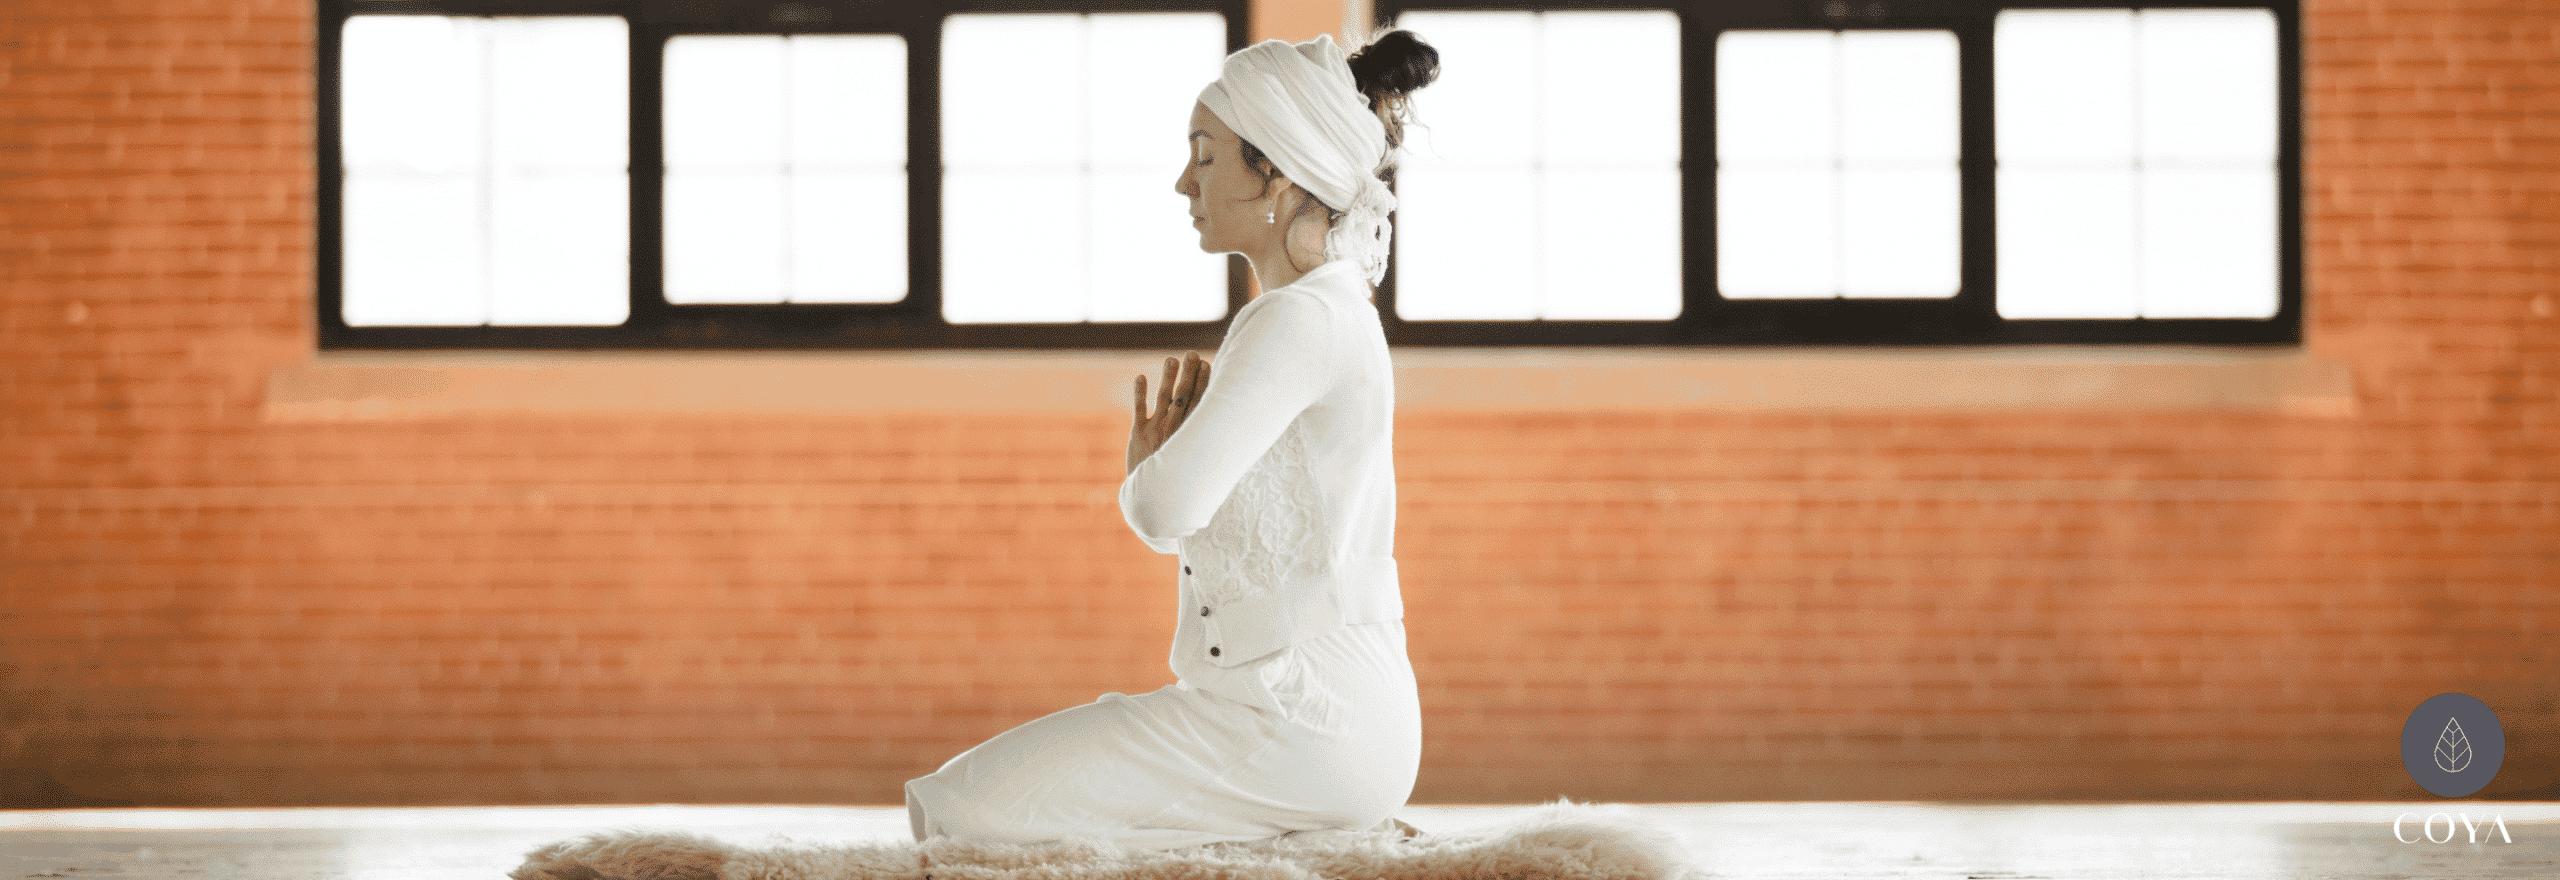 Μια γυναίκα που κάνει Kundalini yoga